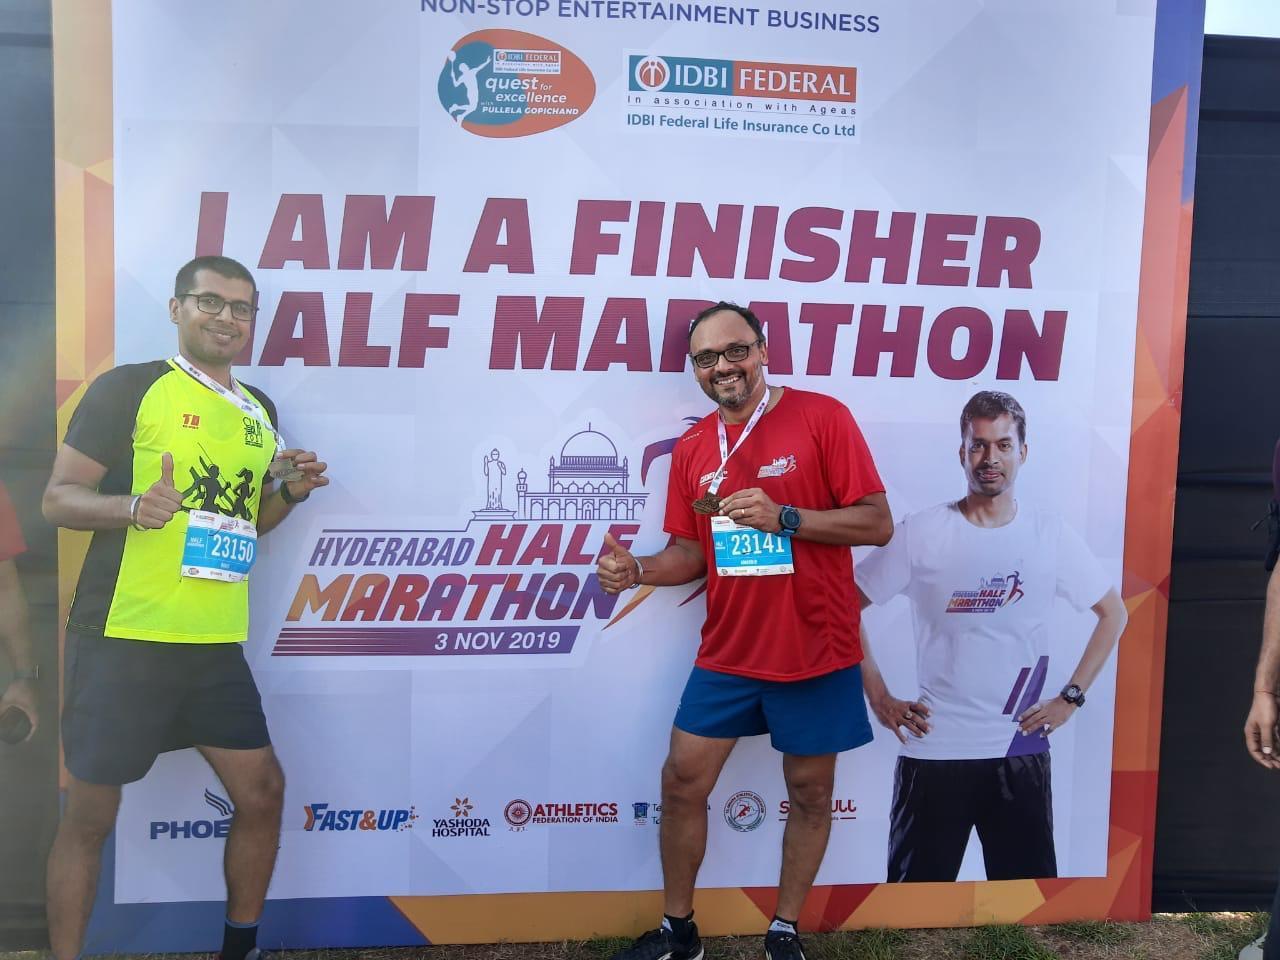 Hyderabad Half Marathon